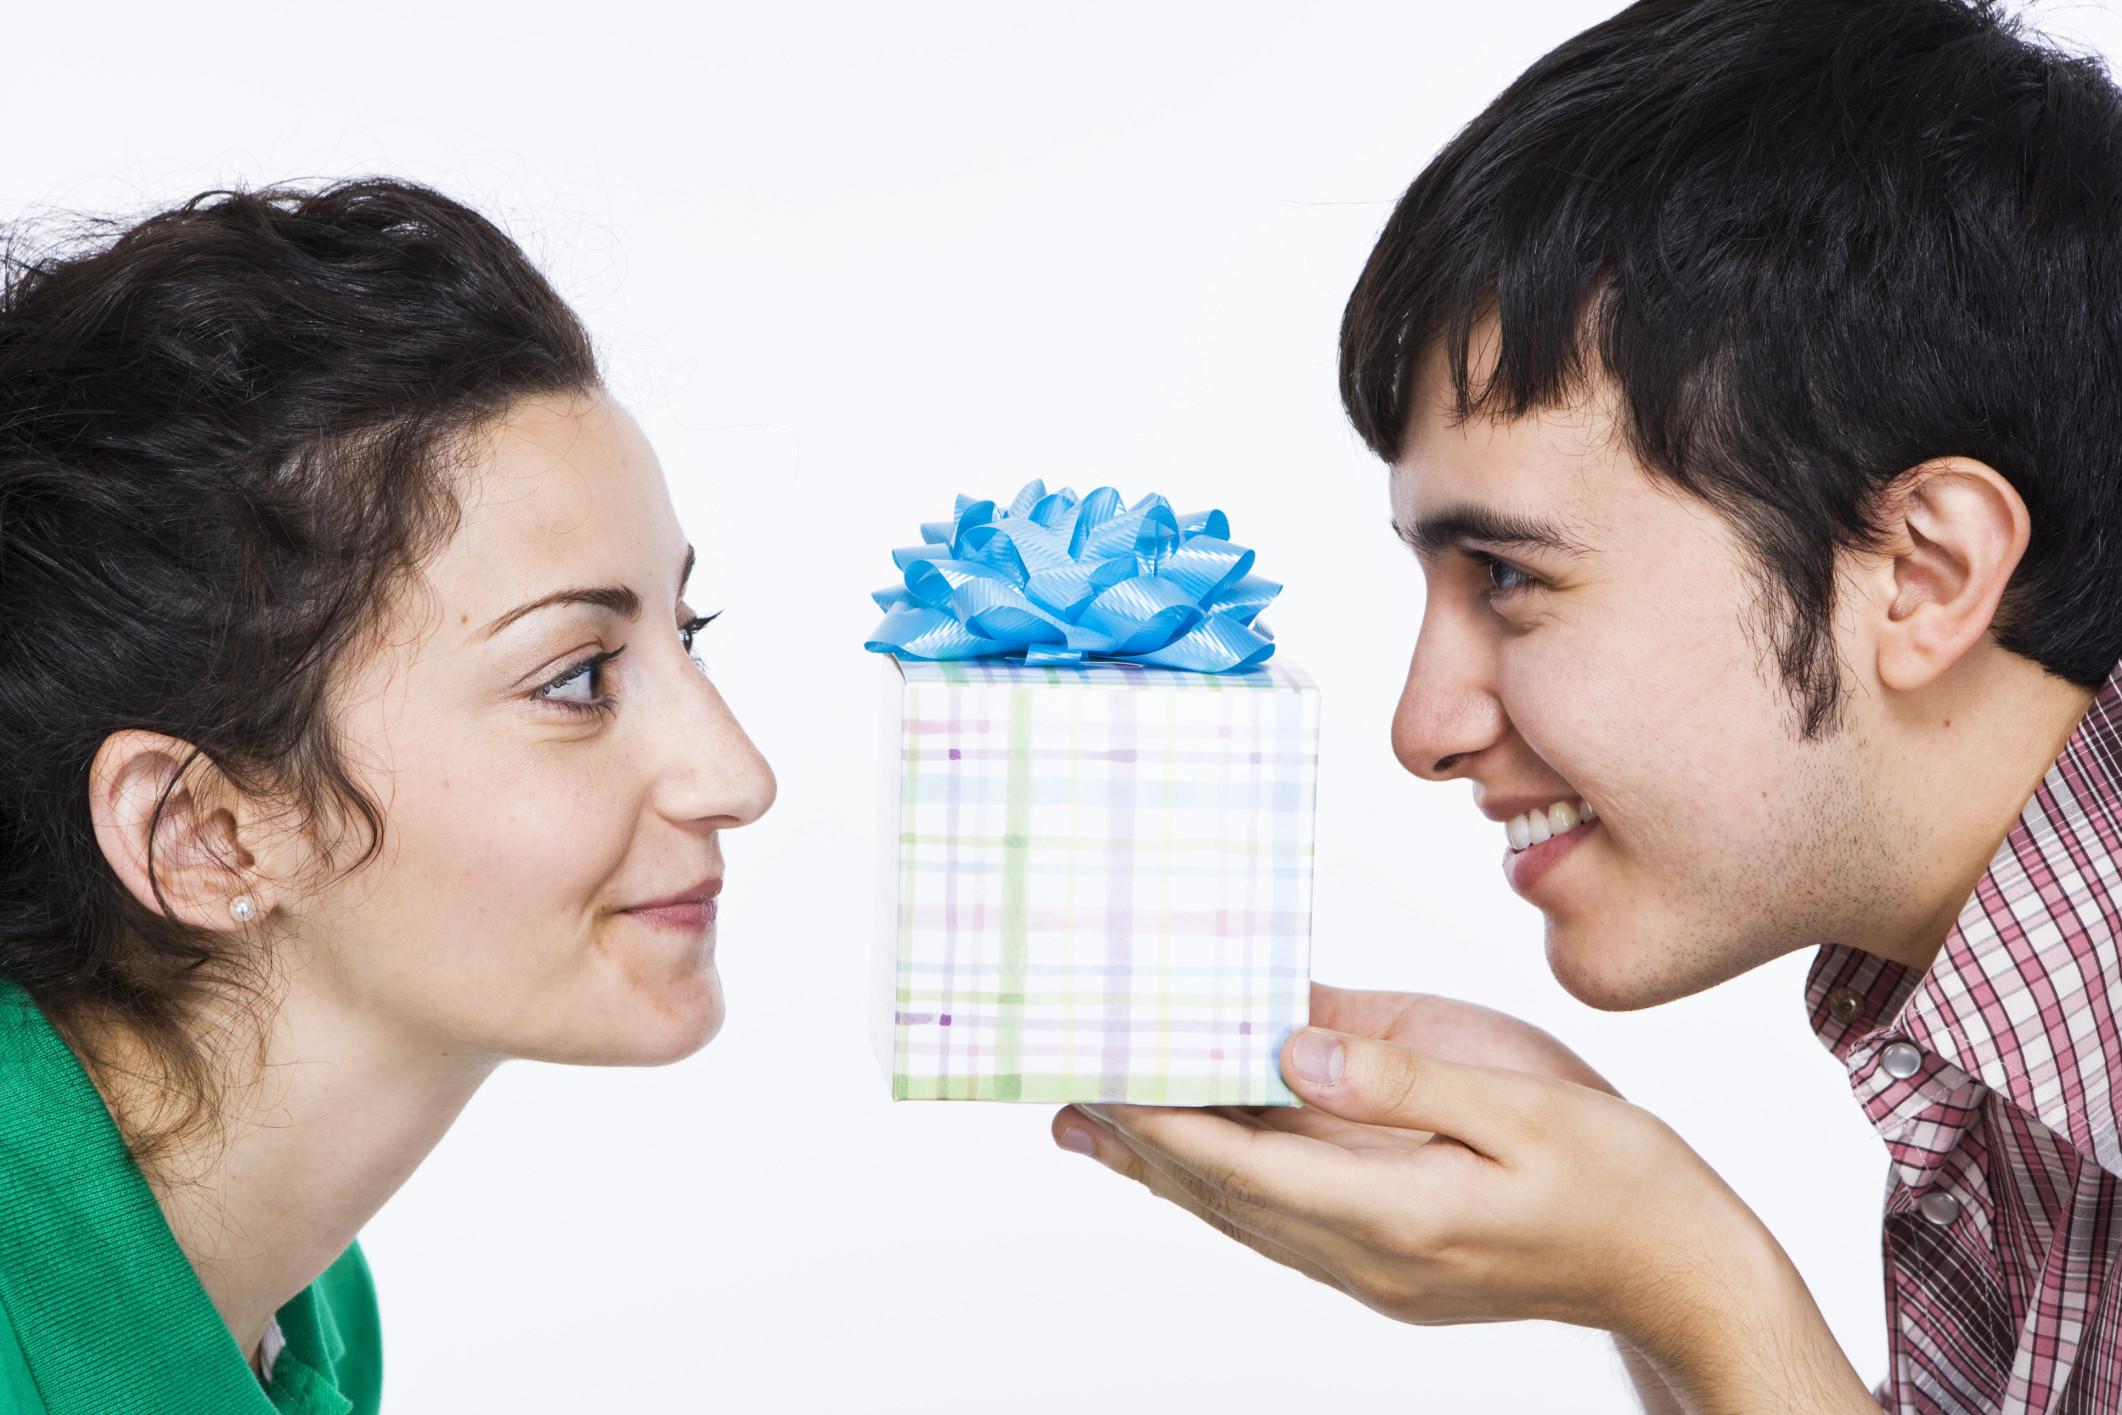 Geschenke Für Ehefrau  Geschenke für Frauen Geschenkideen für Freundin & Ehefrau